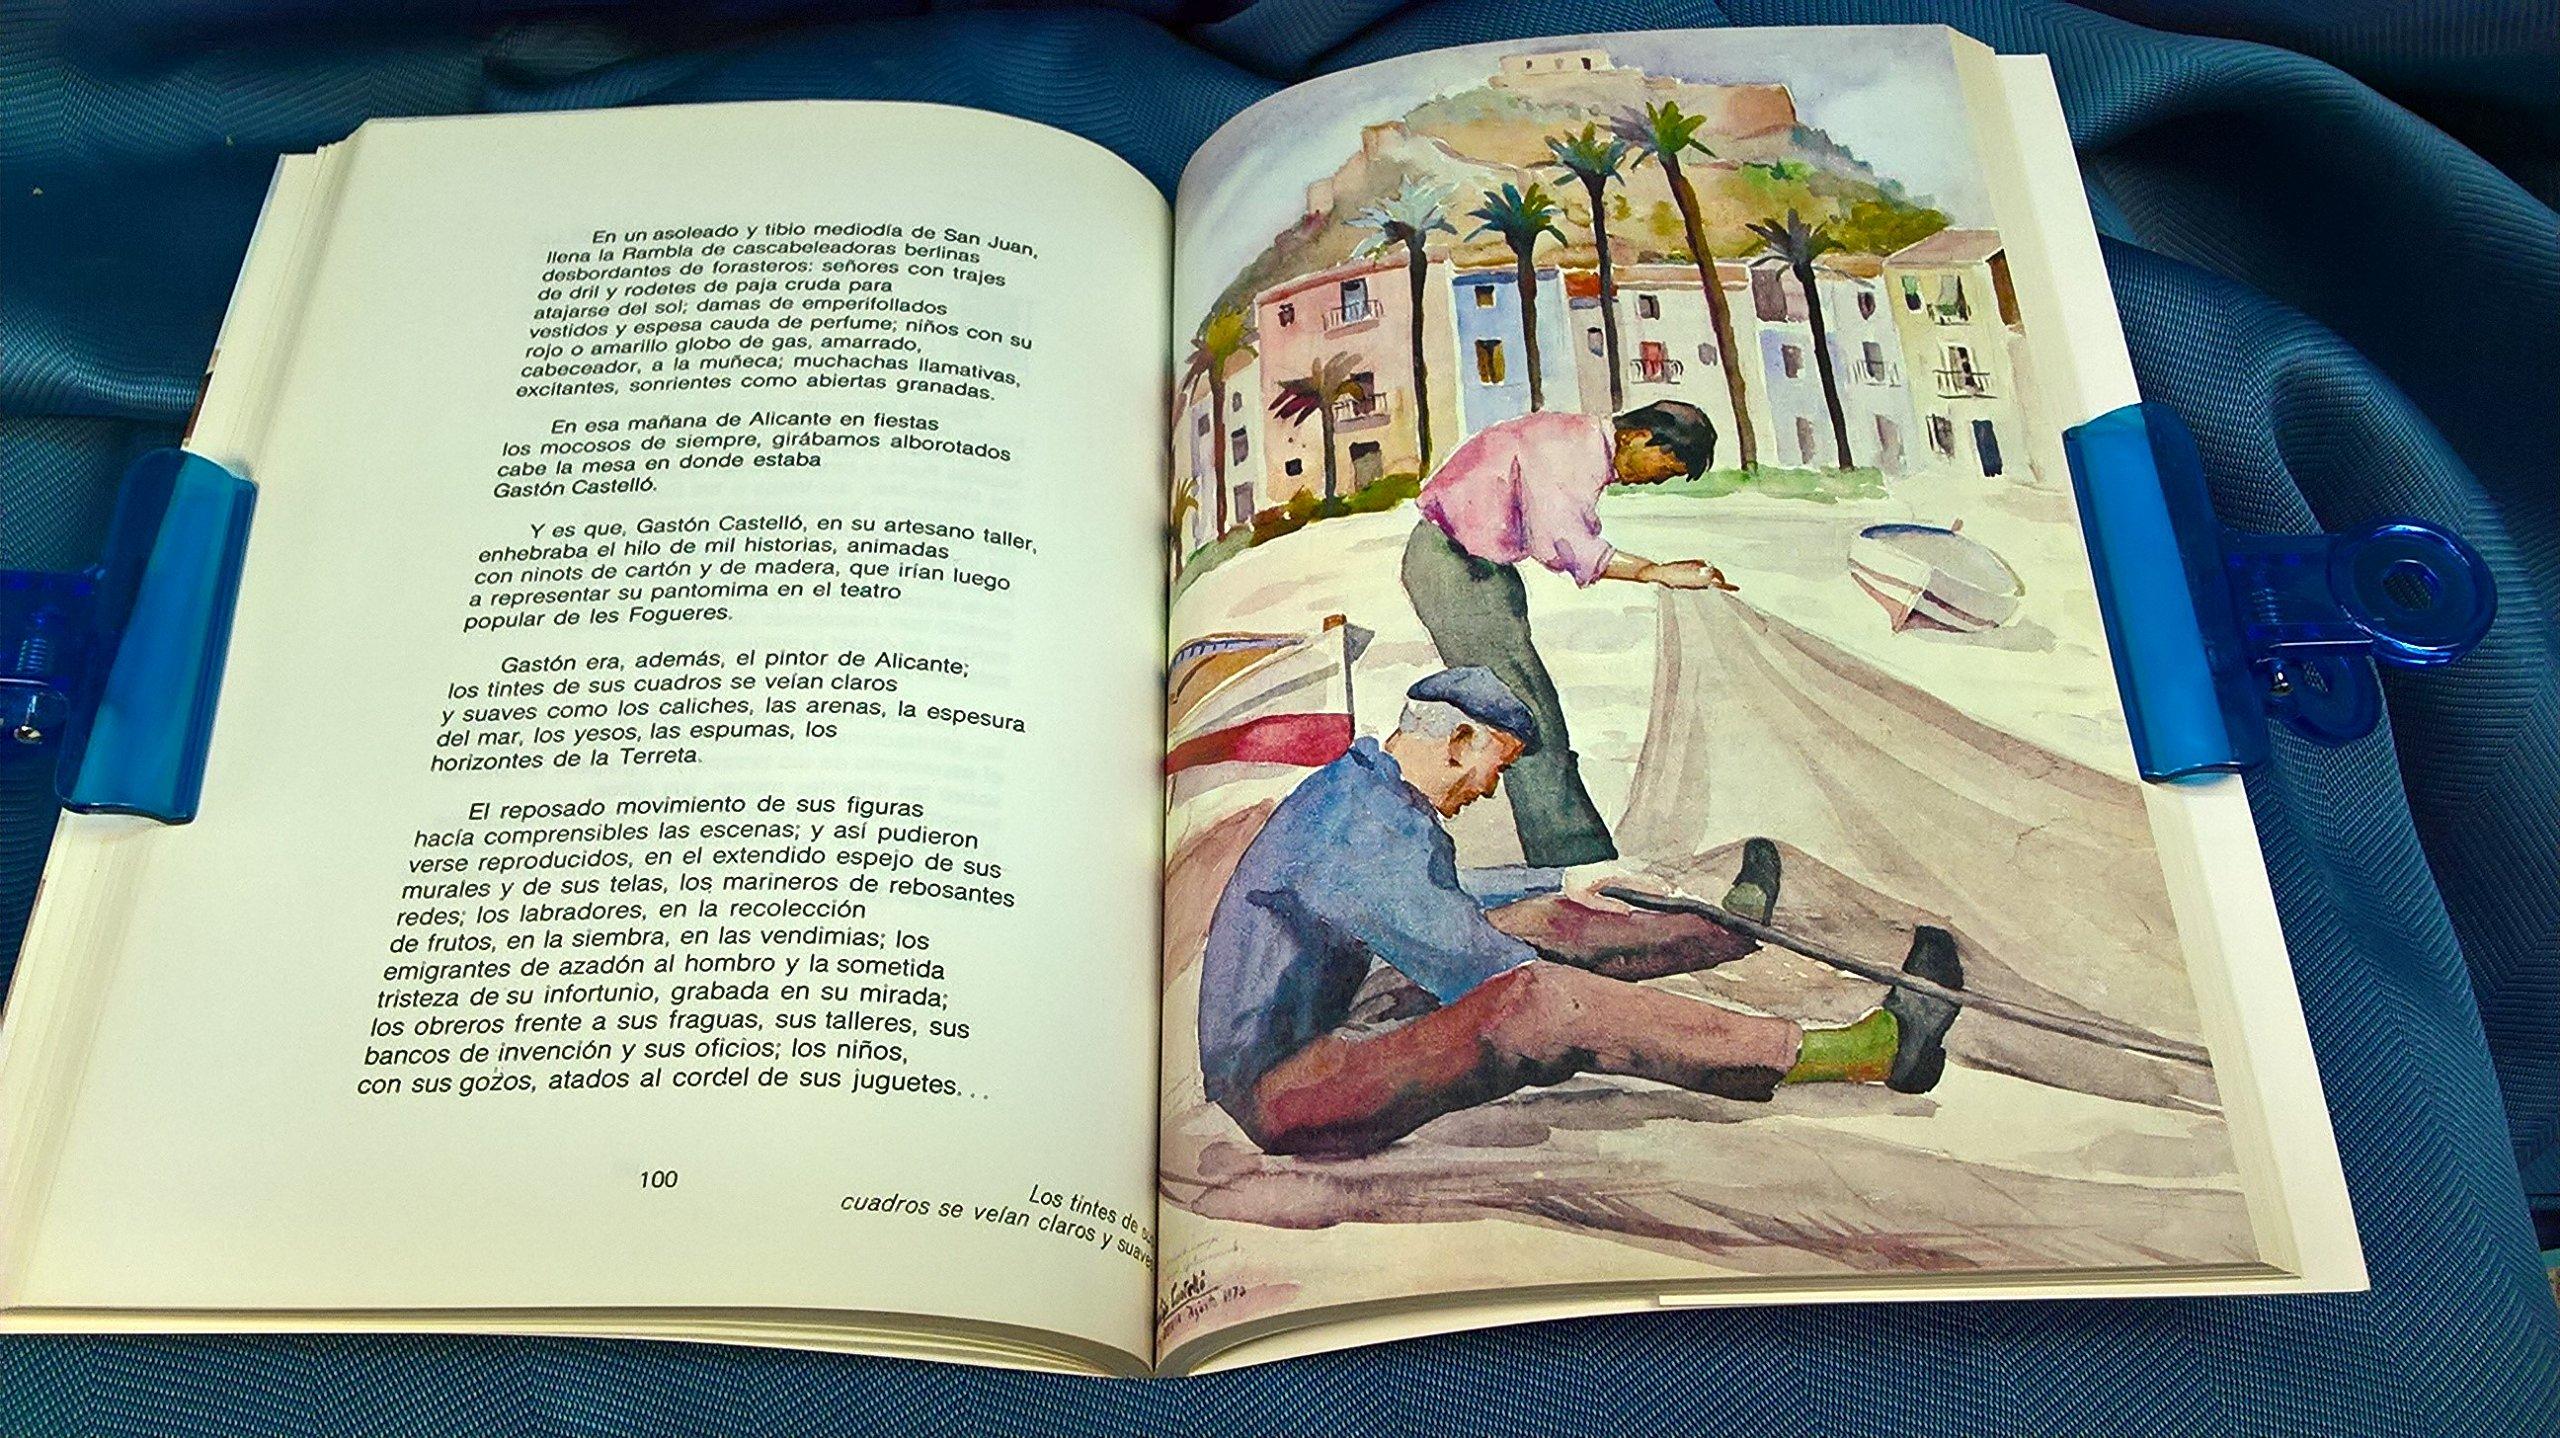 ALICANTE . UNA CIUDAD EN EL RECUERDO.: Amazon.es: ANGEL MIQUEL ALCARAZ: Libros